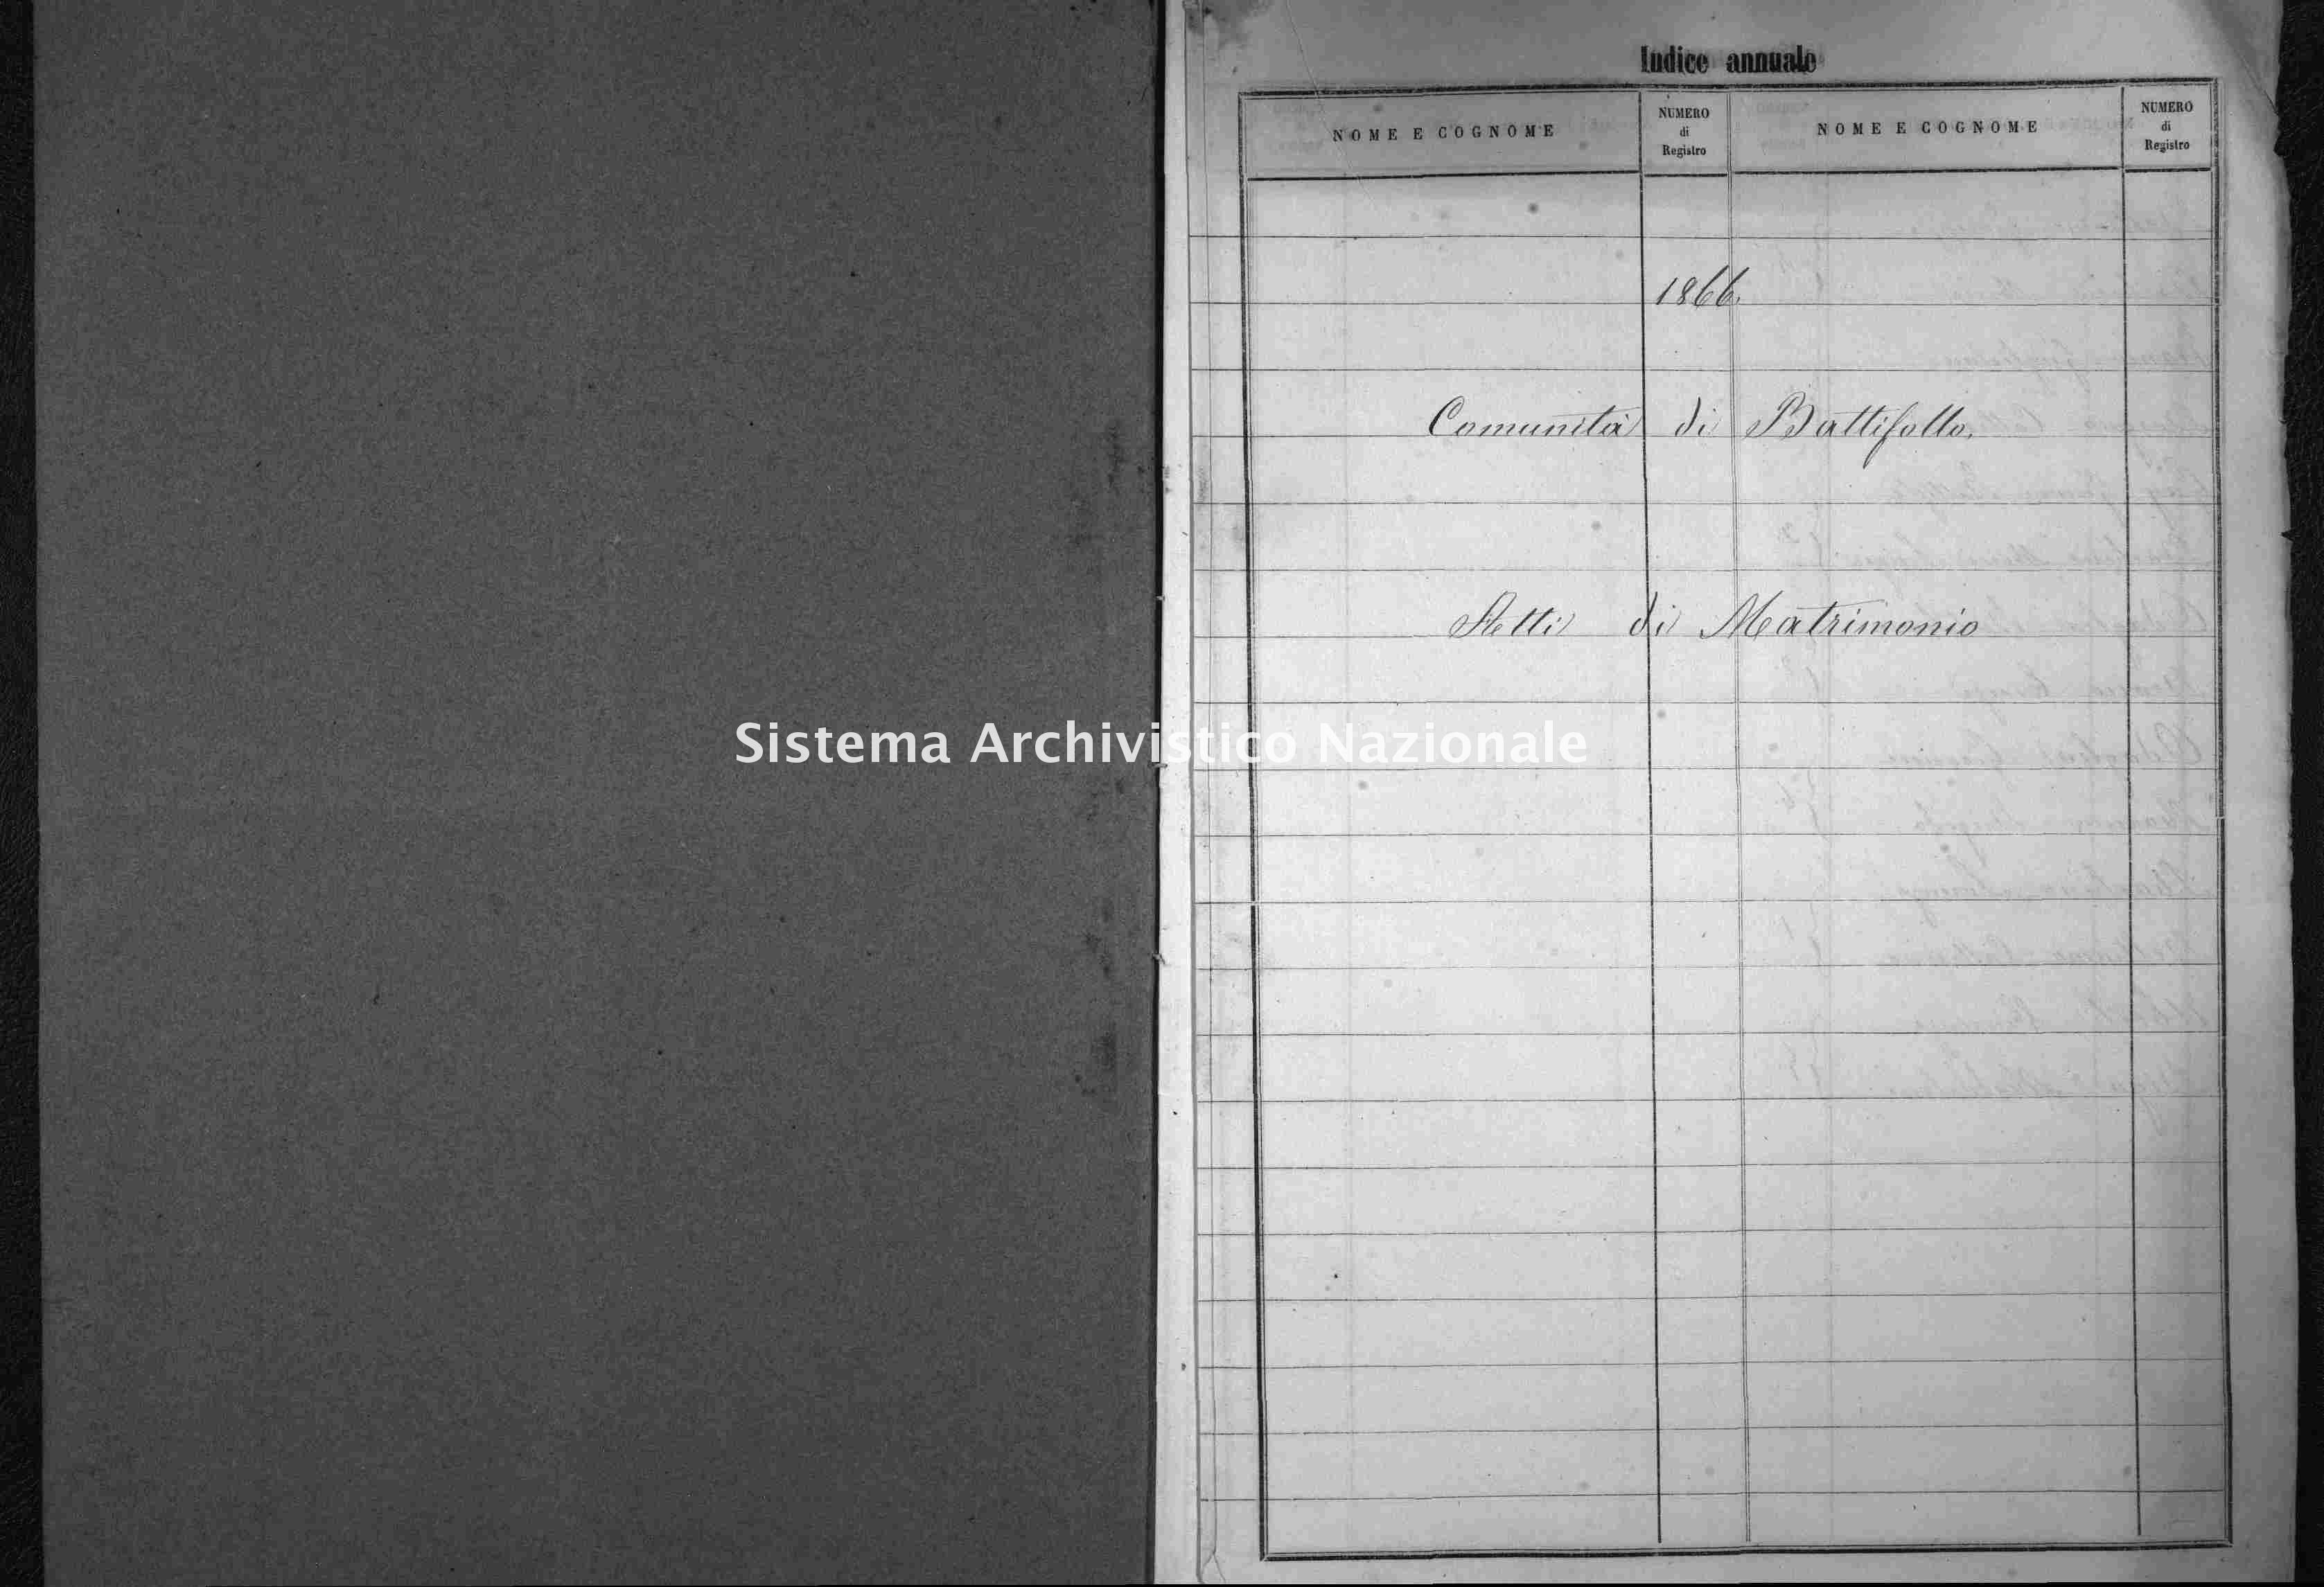 Archivio di stato di Cuneo - Stato civile italiano - Battifollo - Matrimoni - 1866 -